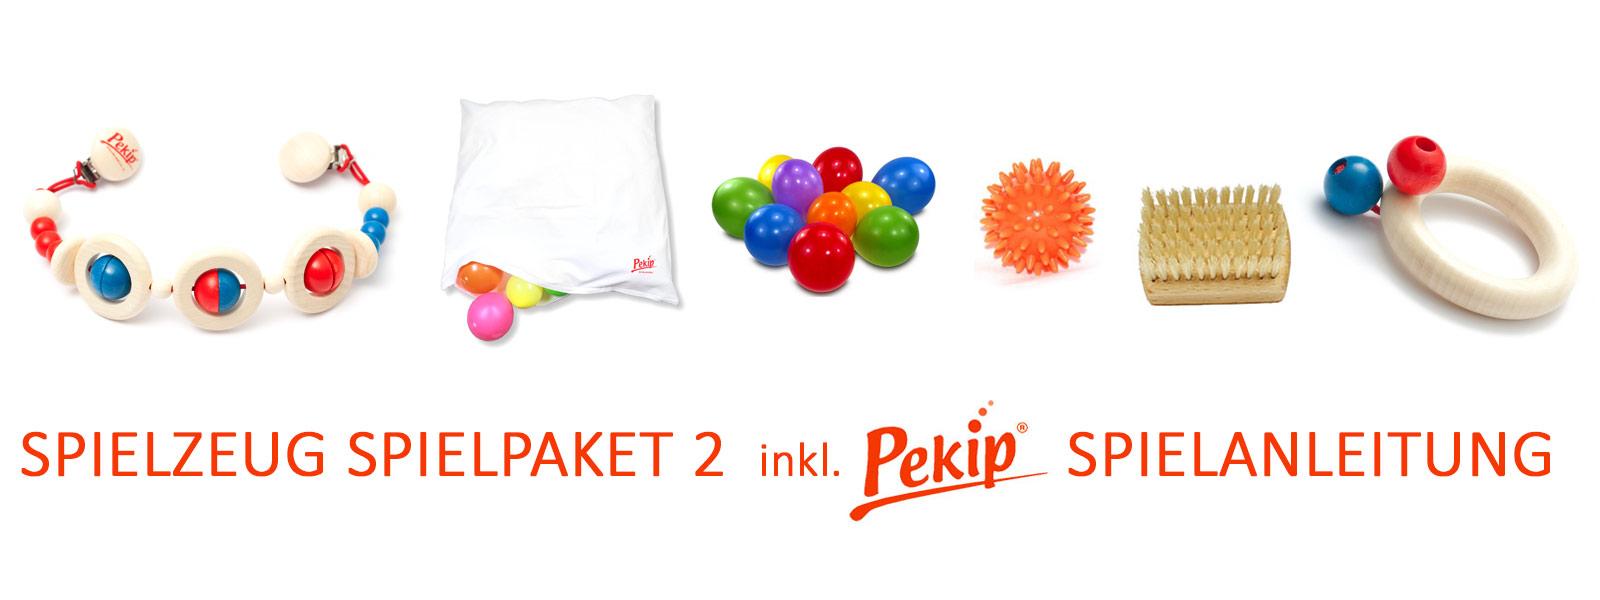 pekip-spielwaren-spielpaktet2-spielzeug-produkte-neu2jLbG2Qlwq4b42